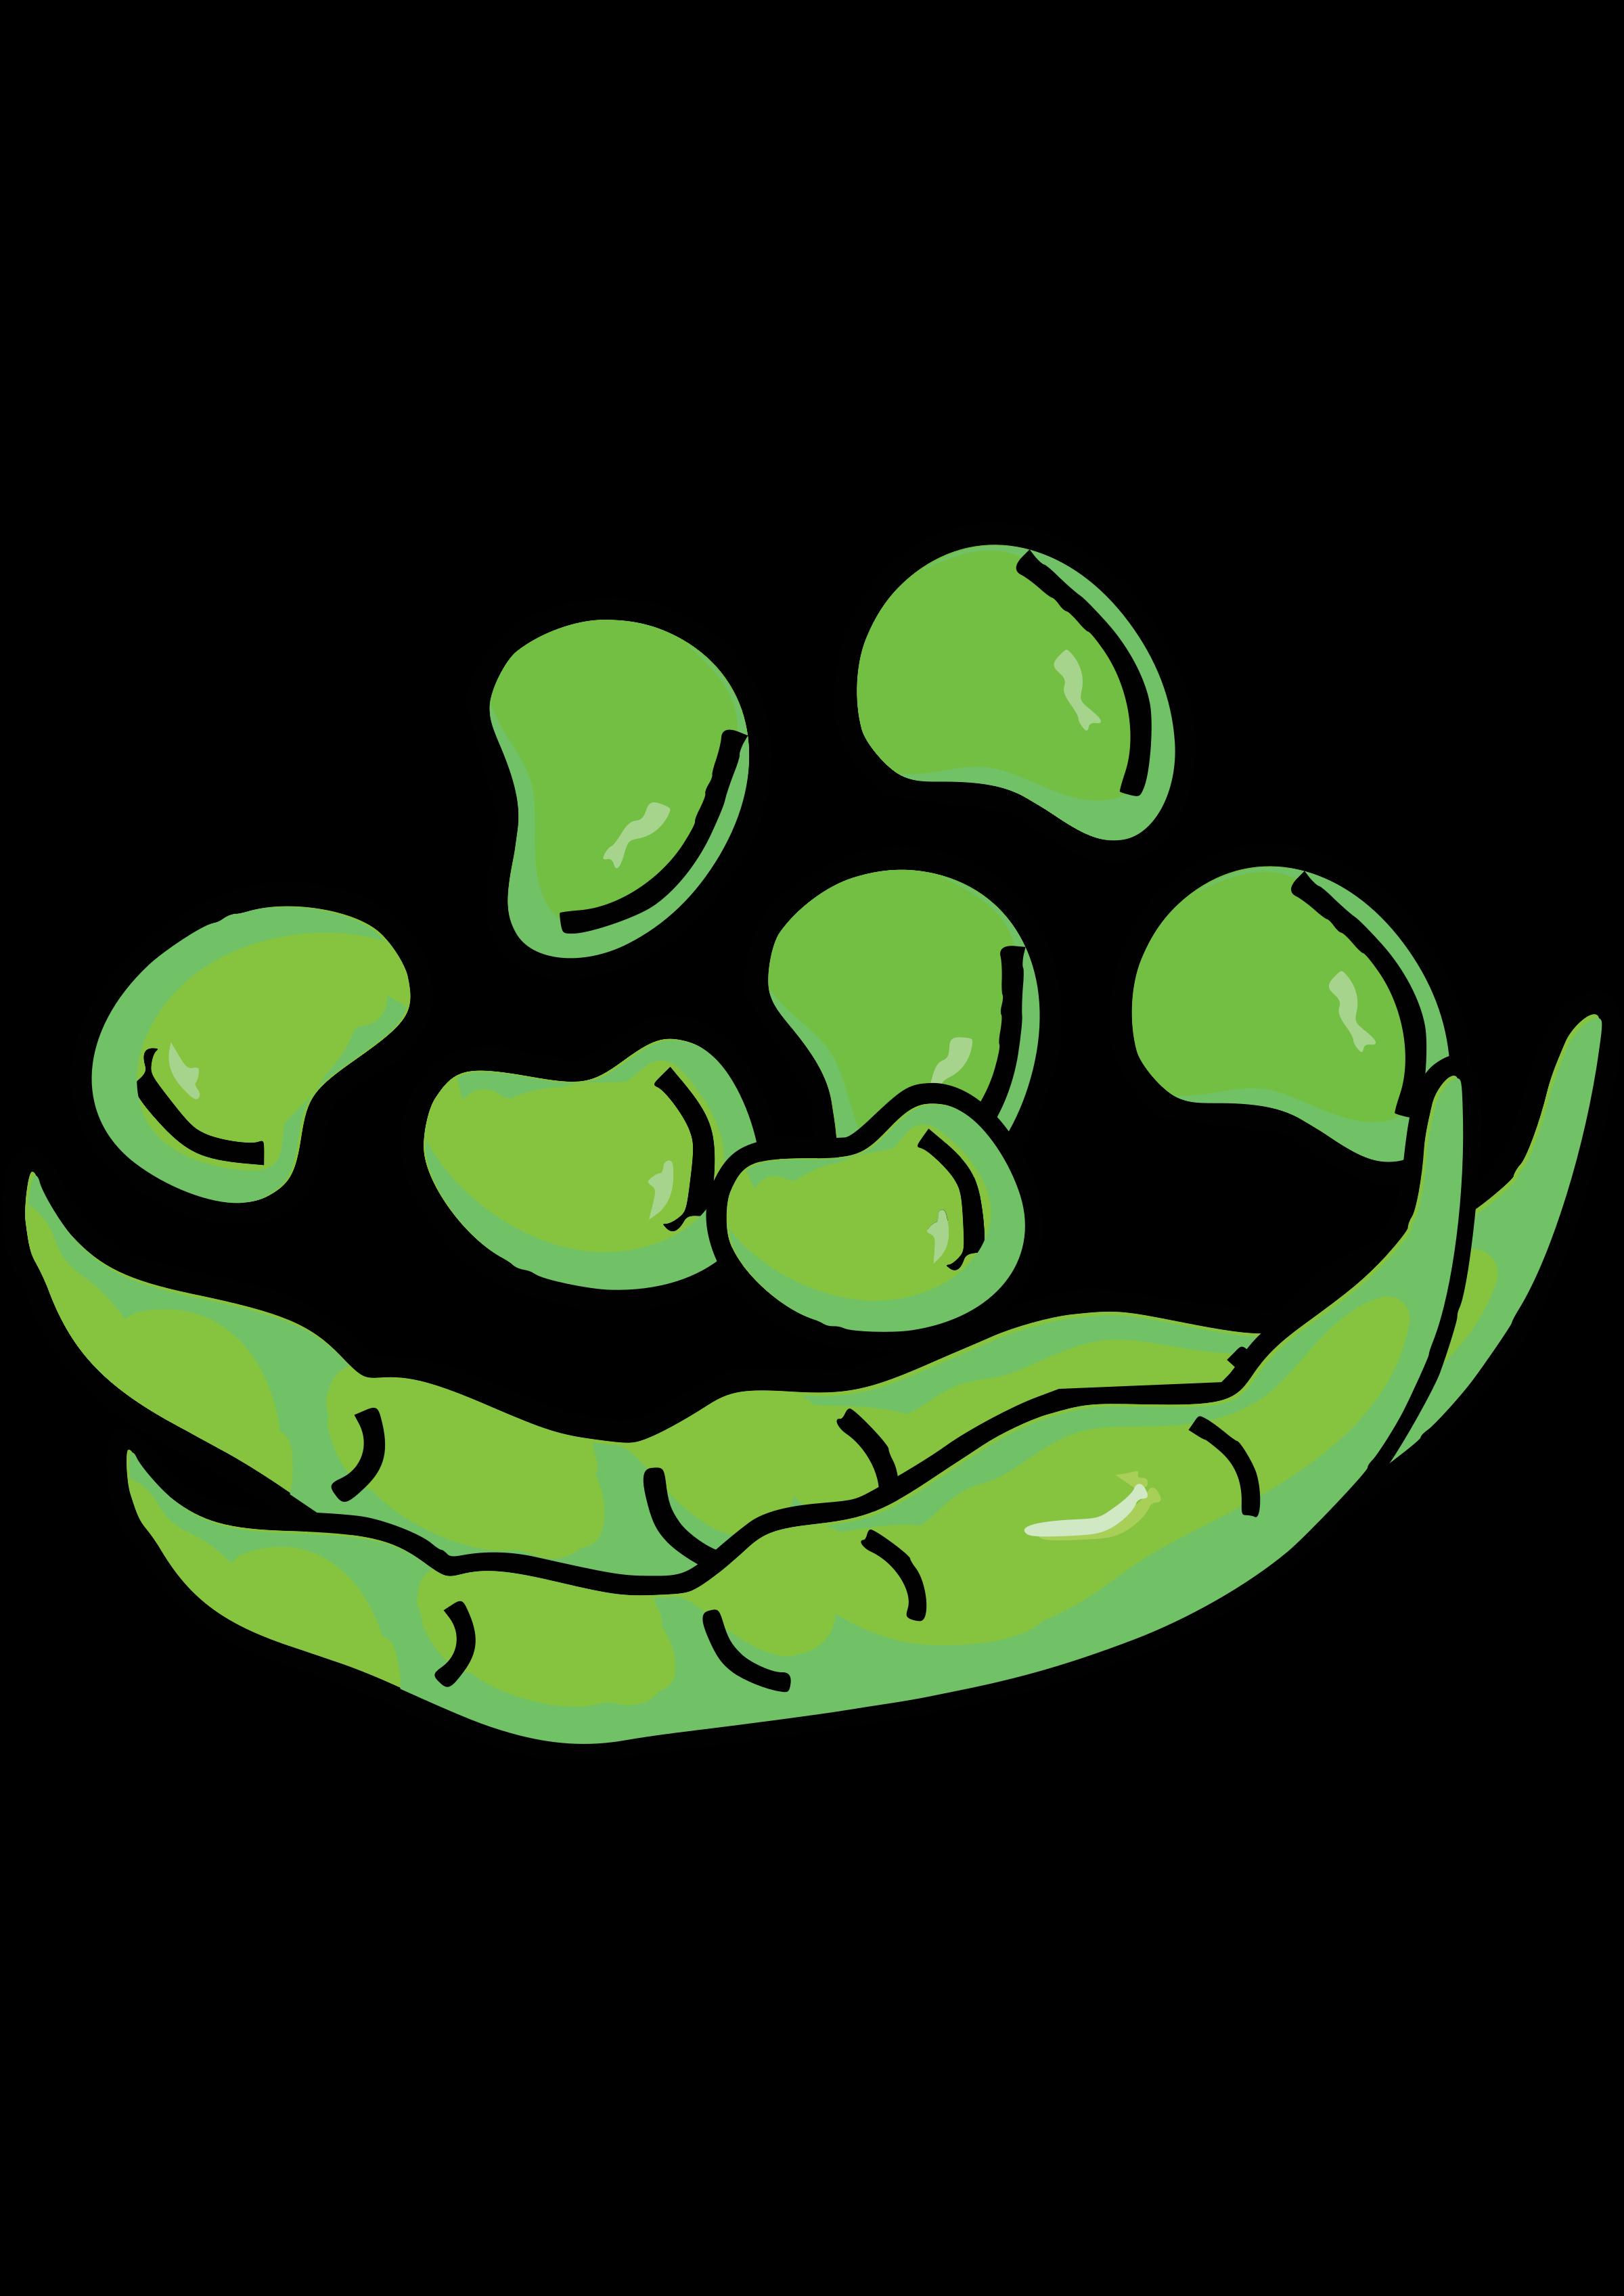 Fava beans big image. Bean clipart broad bean